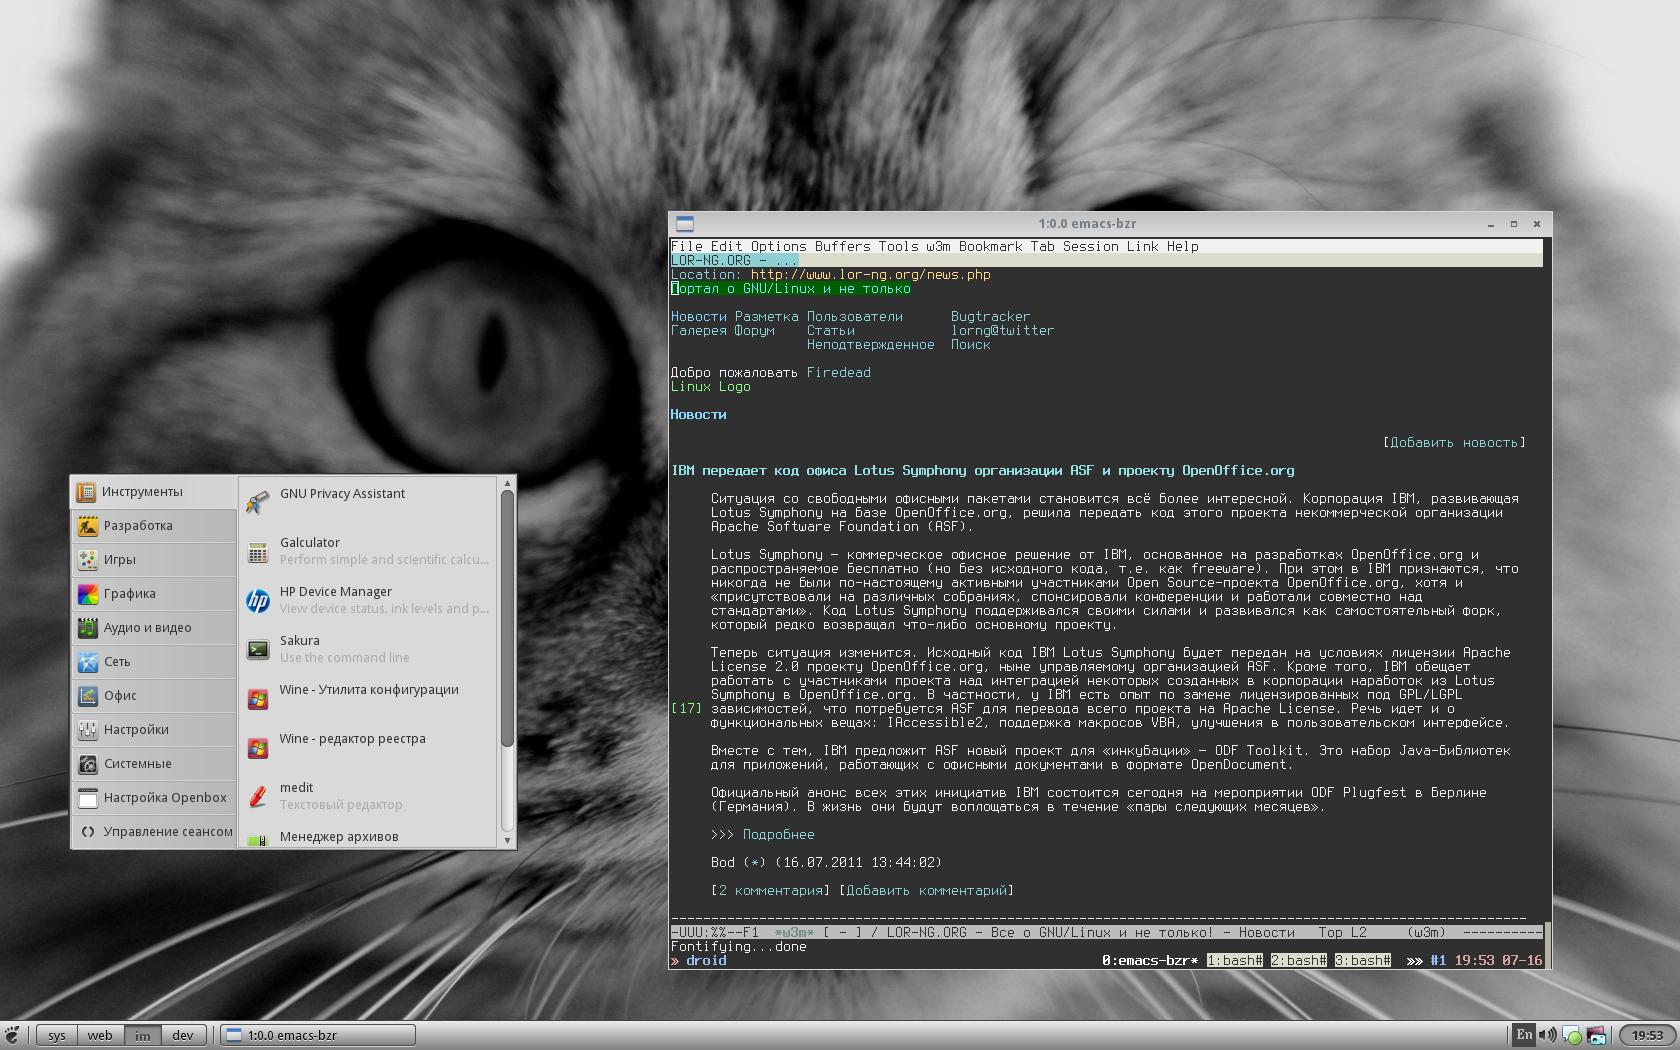 rulinux net - Все о GNU/Linux и не только - Галерея